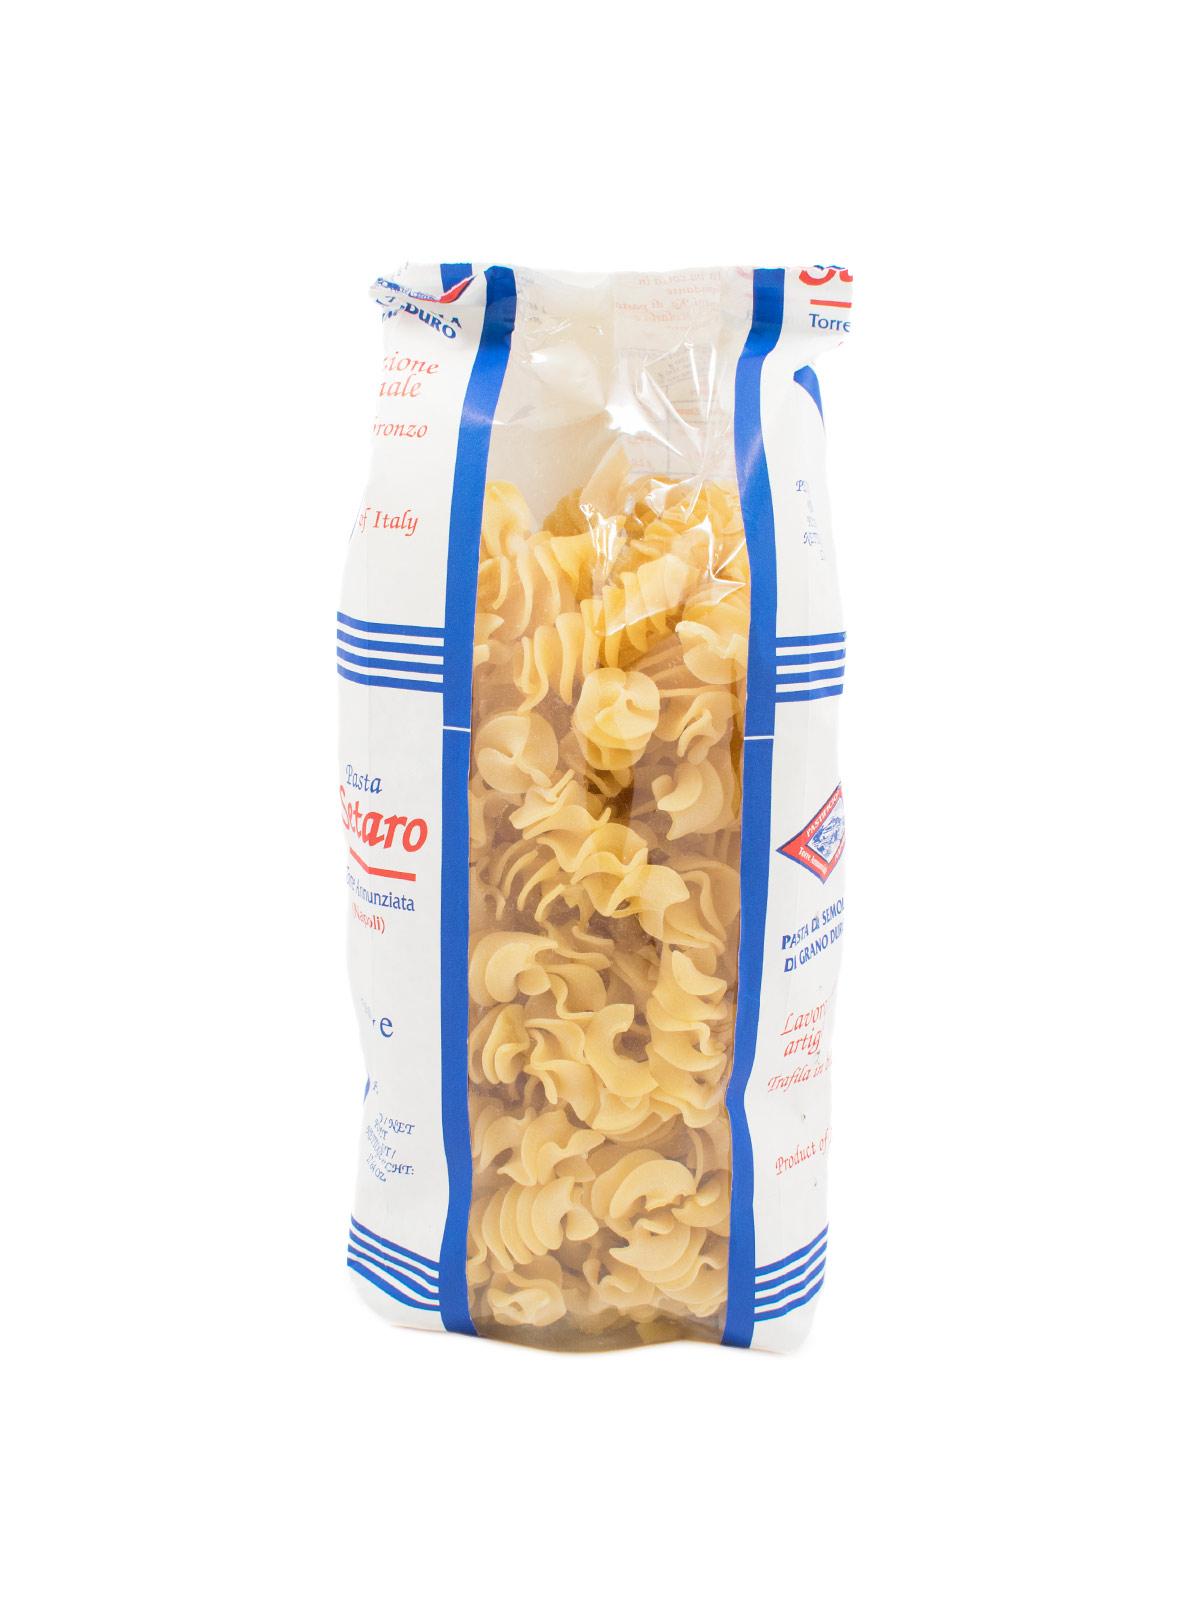 Eliche Grandi - Pastas, Rice, and Grains - Buon'Italia